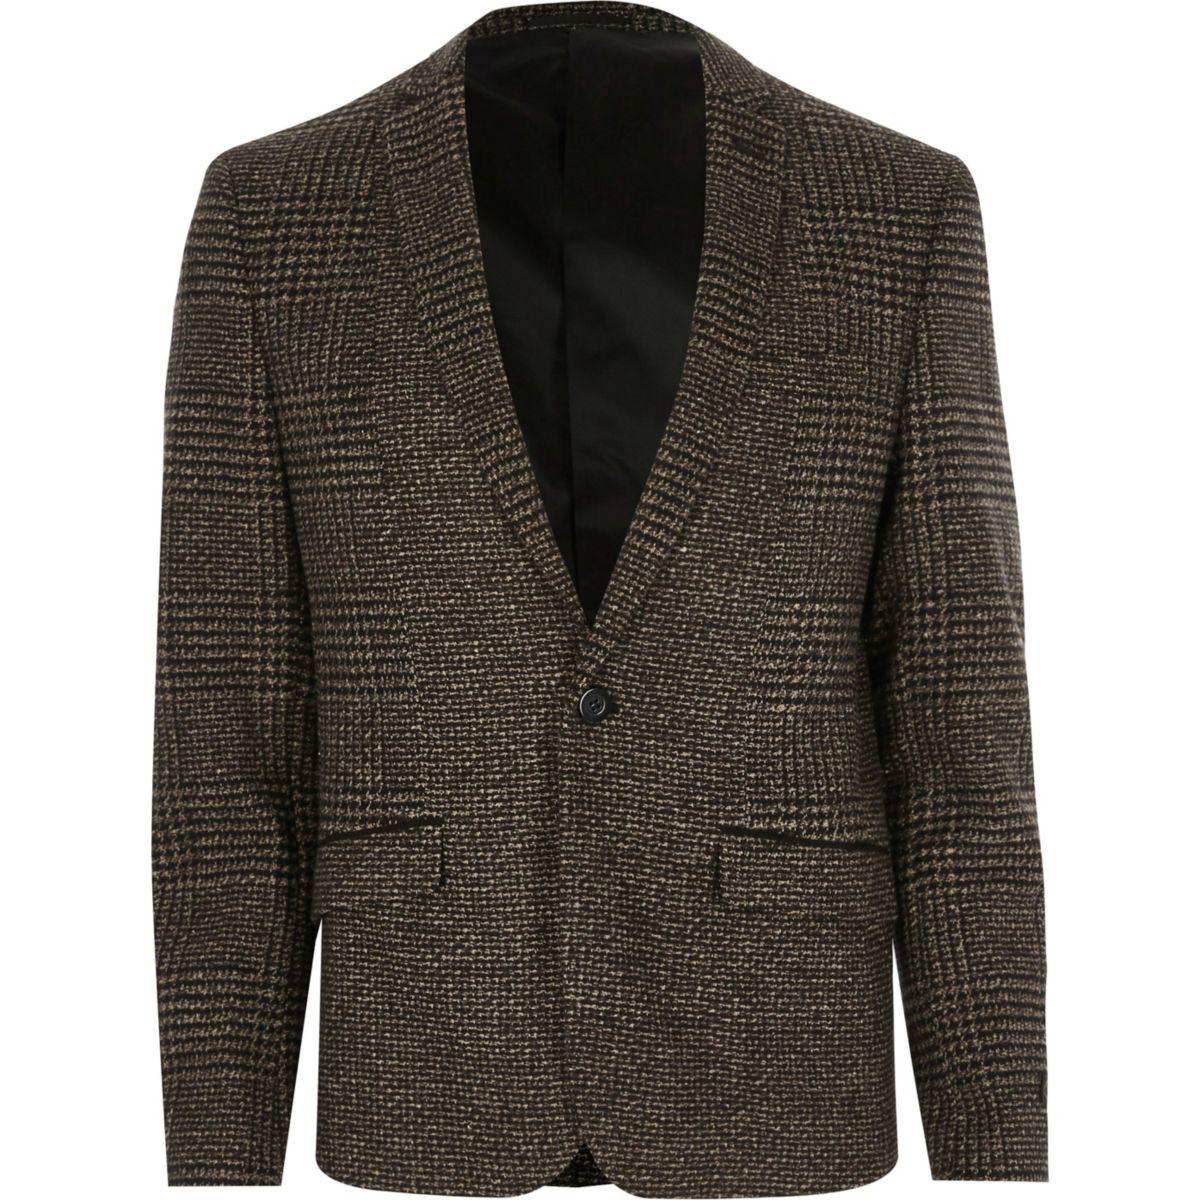 Brown check skinny blazer